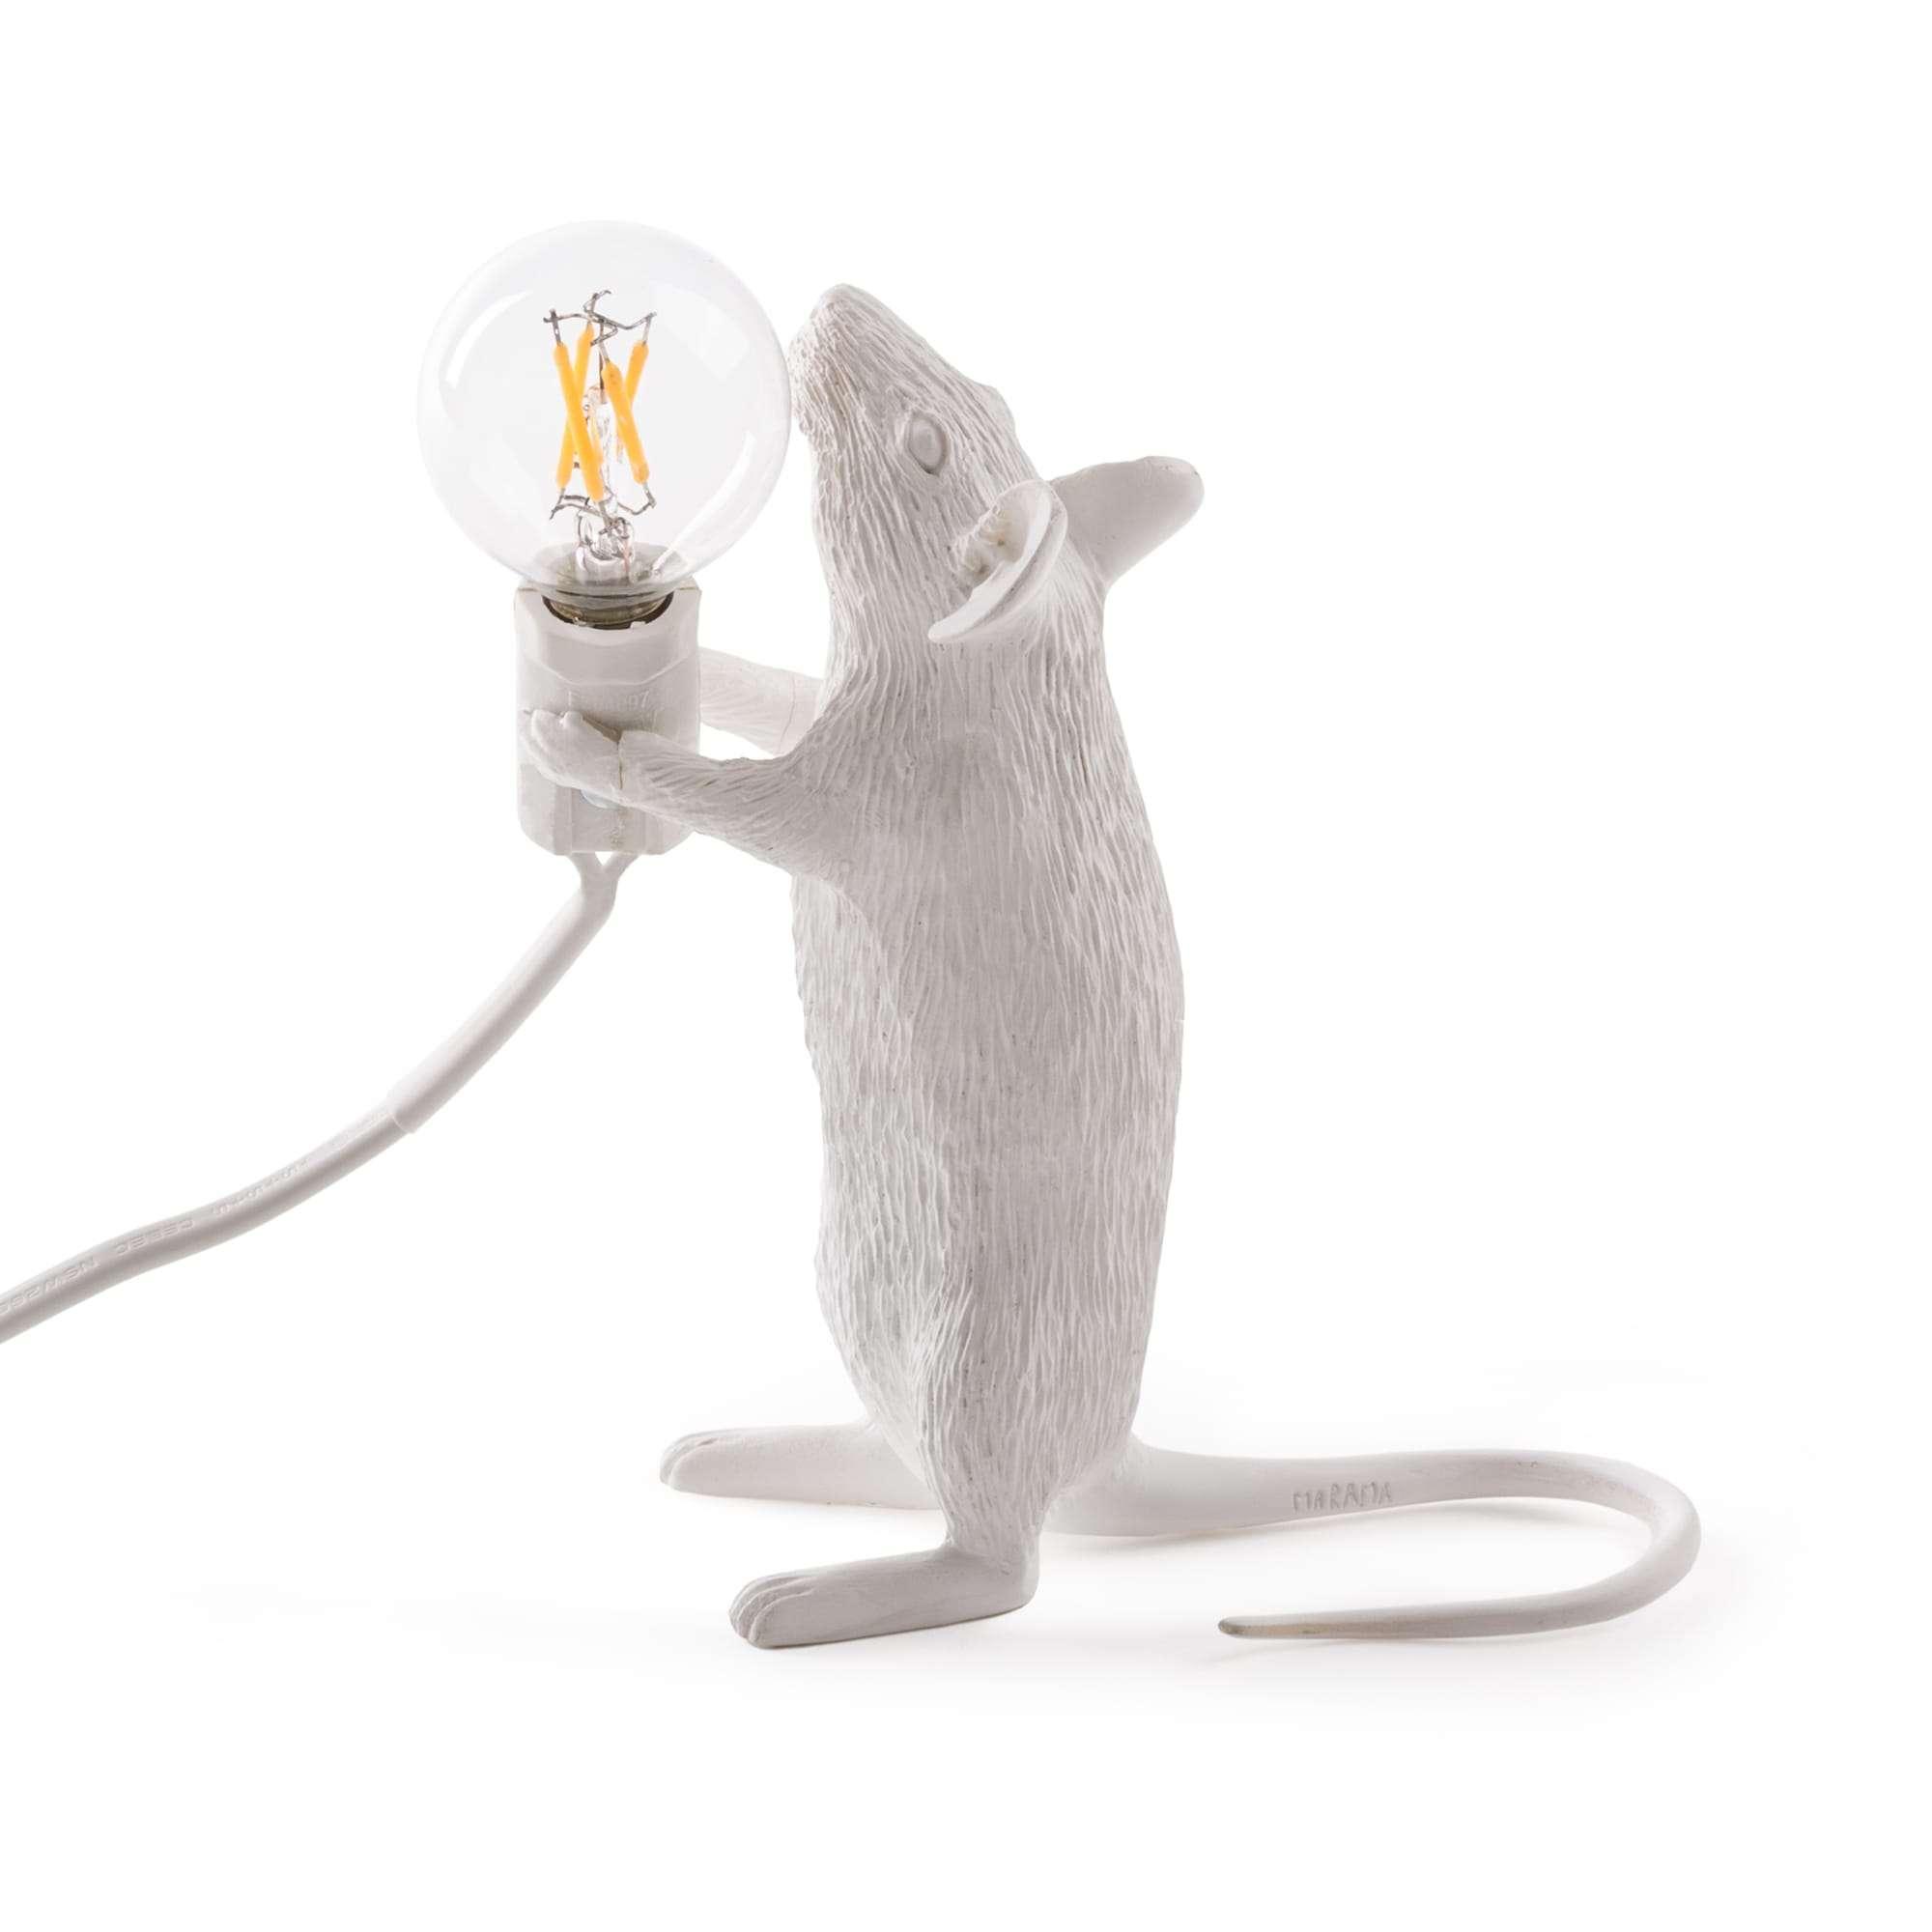 seletti mouse lamp lampada topo della pia home 1965. Black Bedroom Furniture Sets. Home Design Ideas